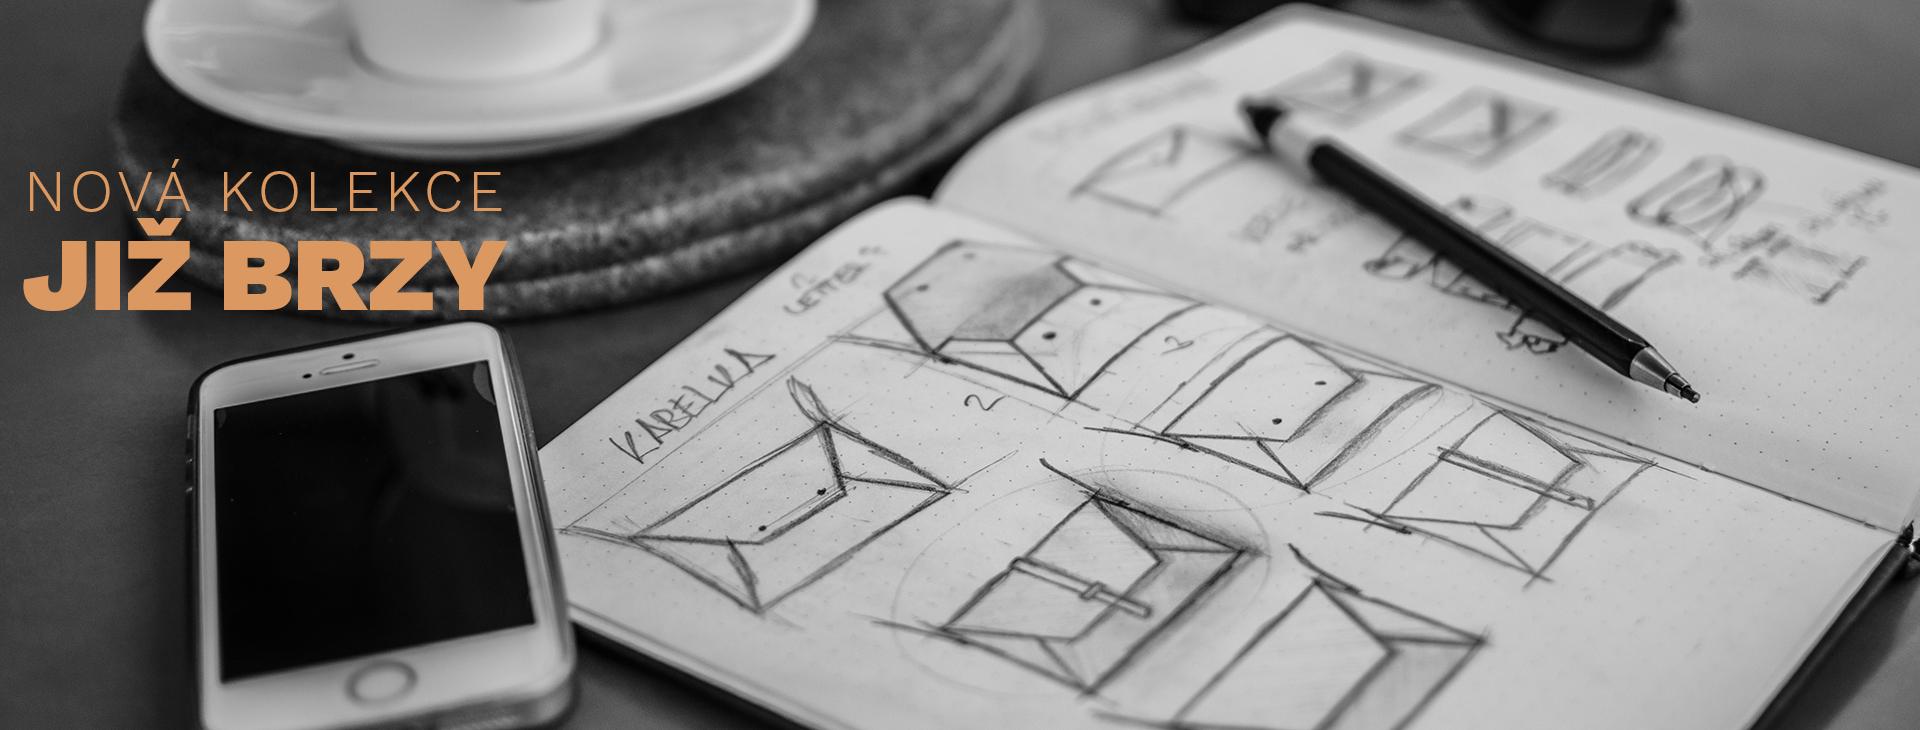 Plánujeme novou designovou kolekci